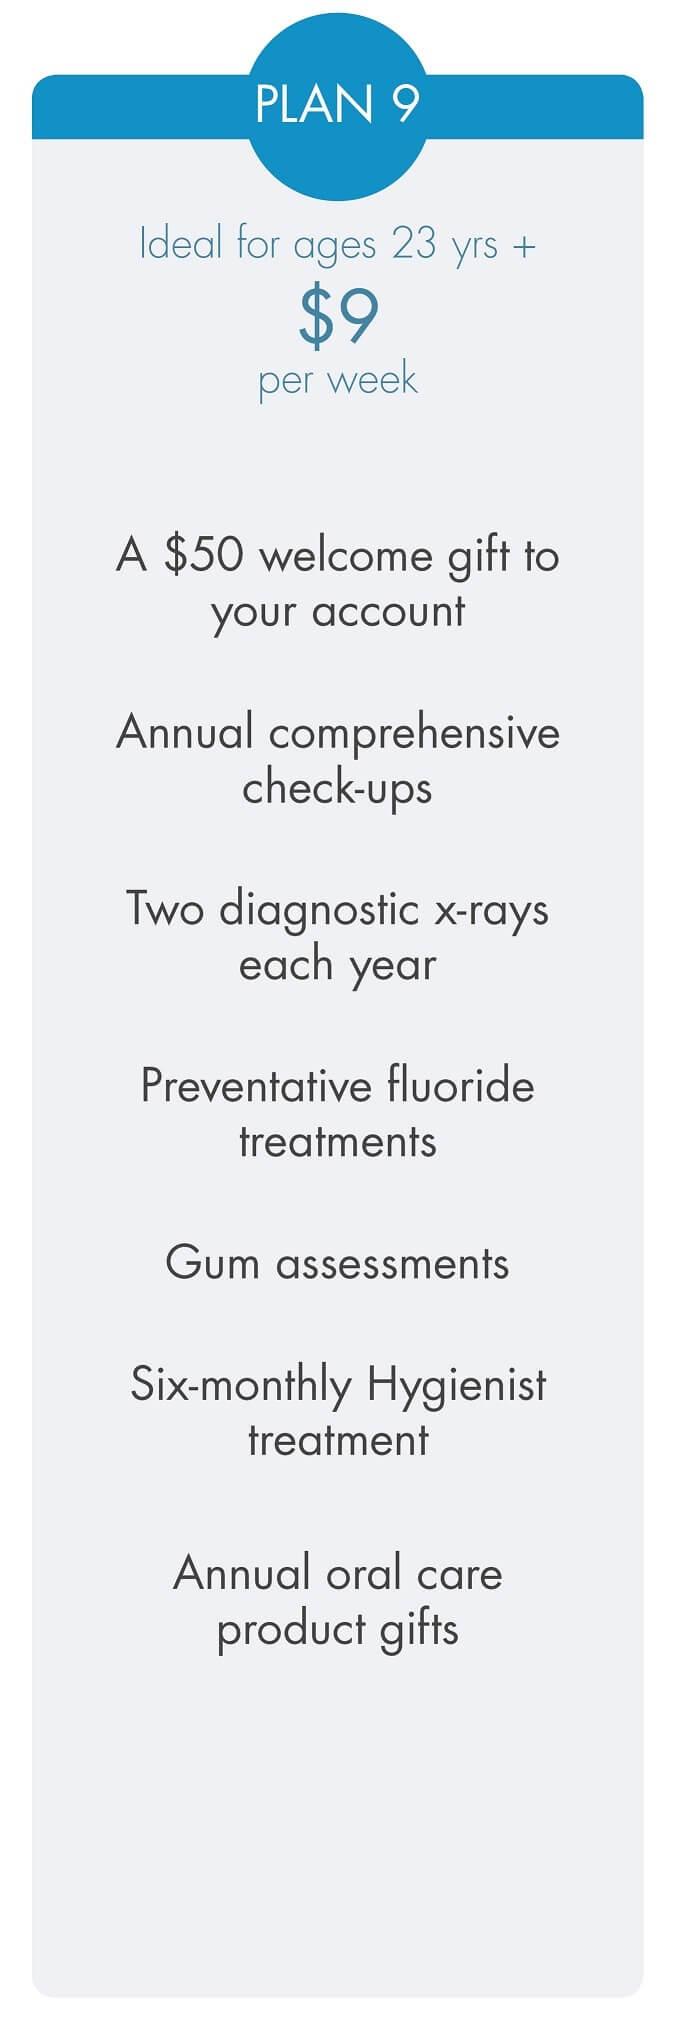 Smilesaver dental savings plan 9